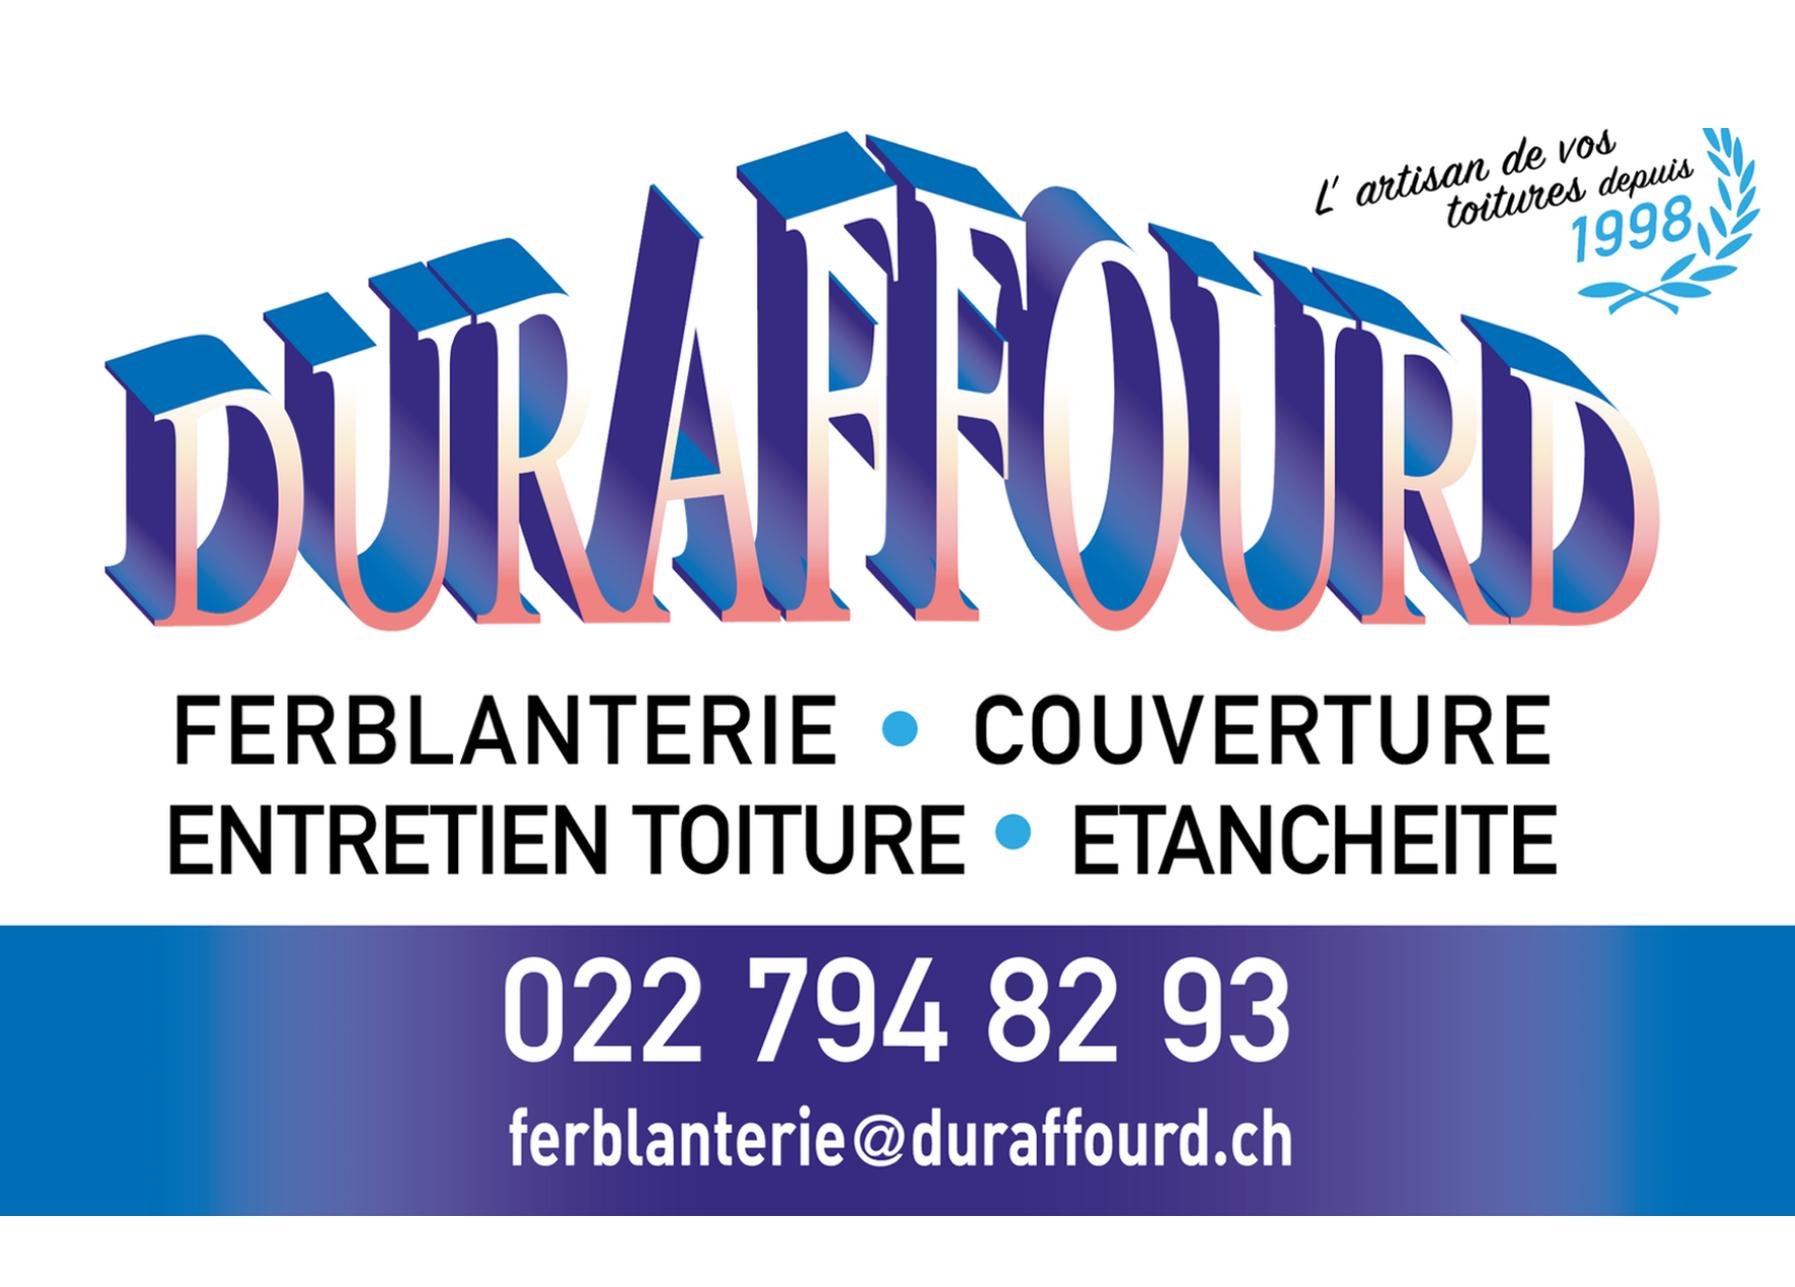 duraffourd-ferblanterie.ch